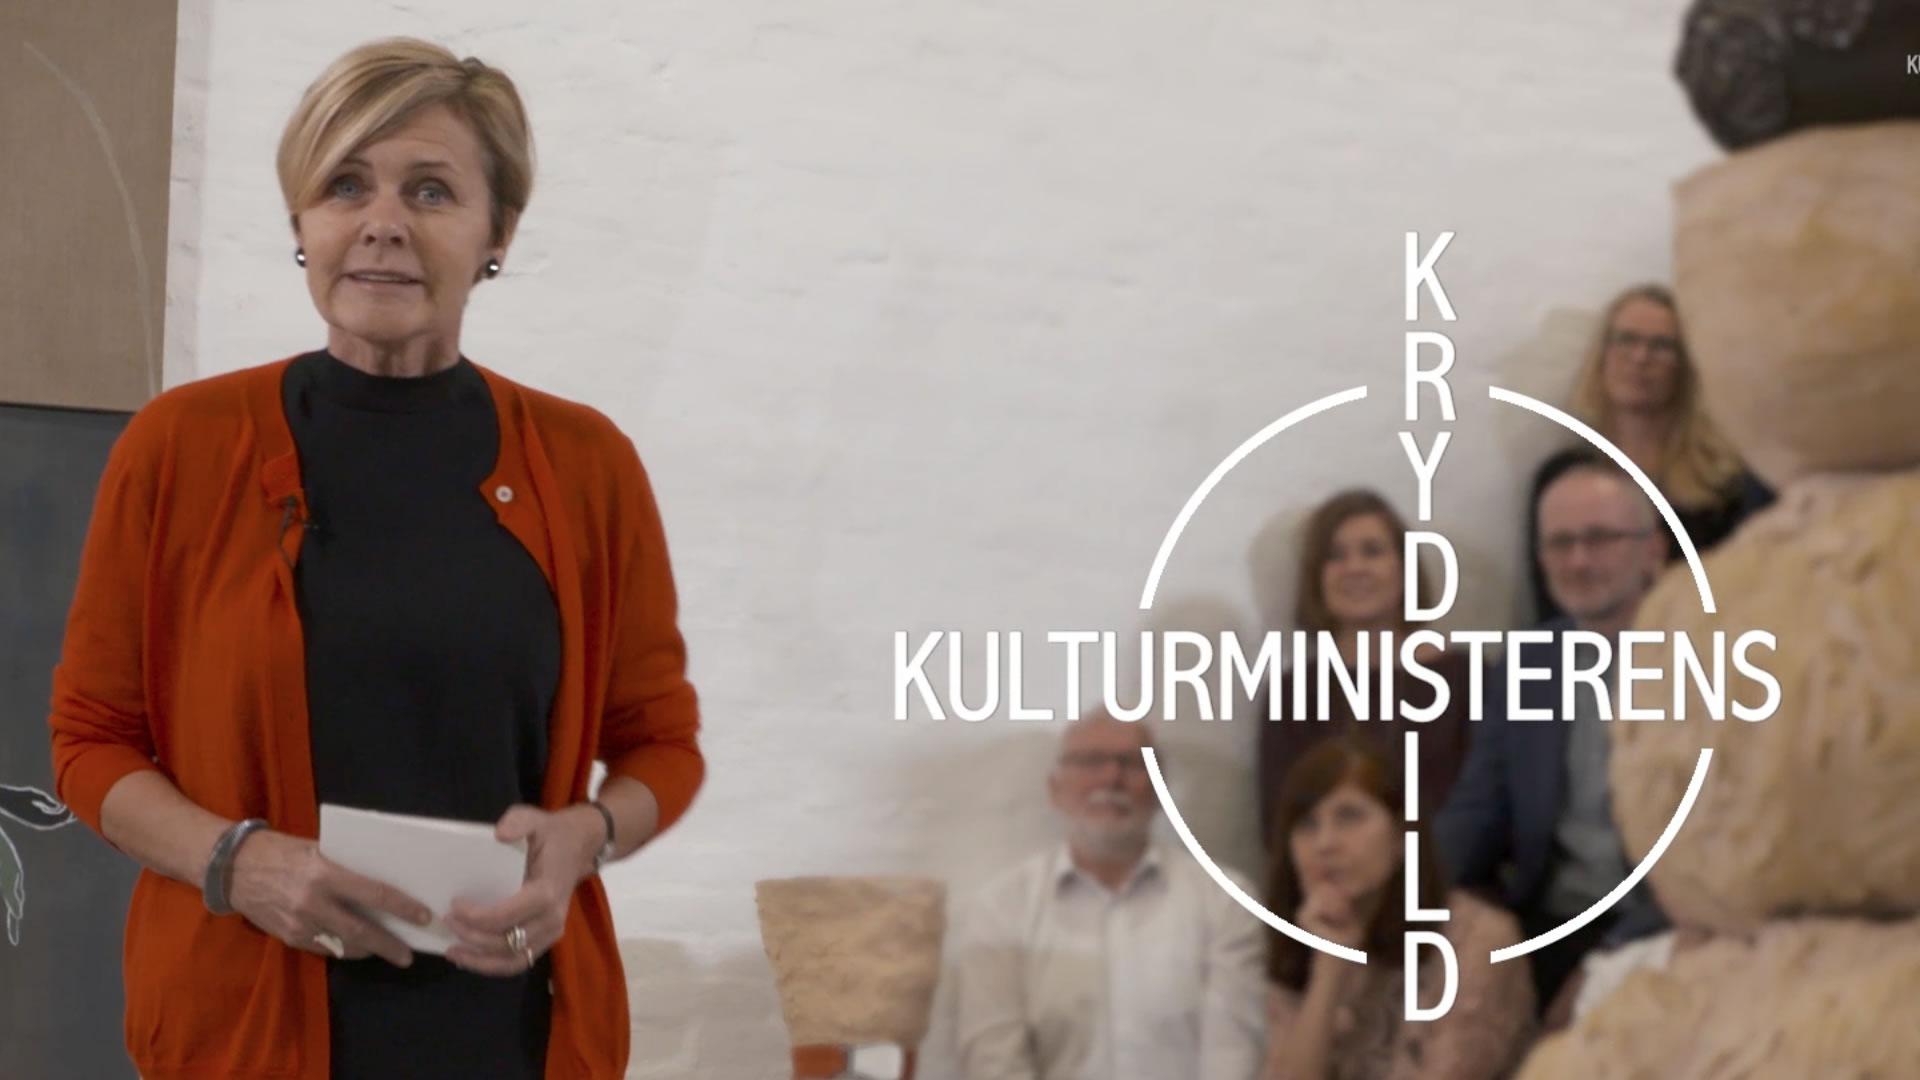 Kulturministerens.jpg